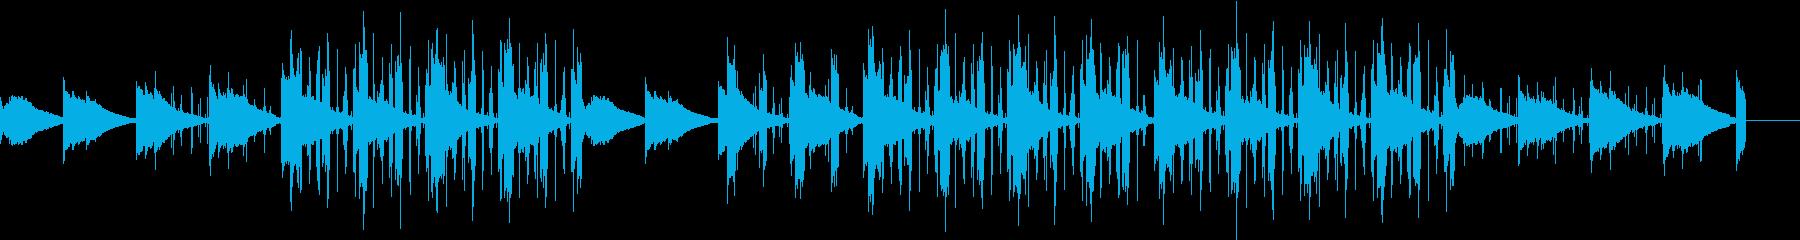 ギターの温かみを強調したナチュラルBGMの再生済みの波形